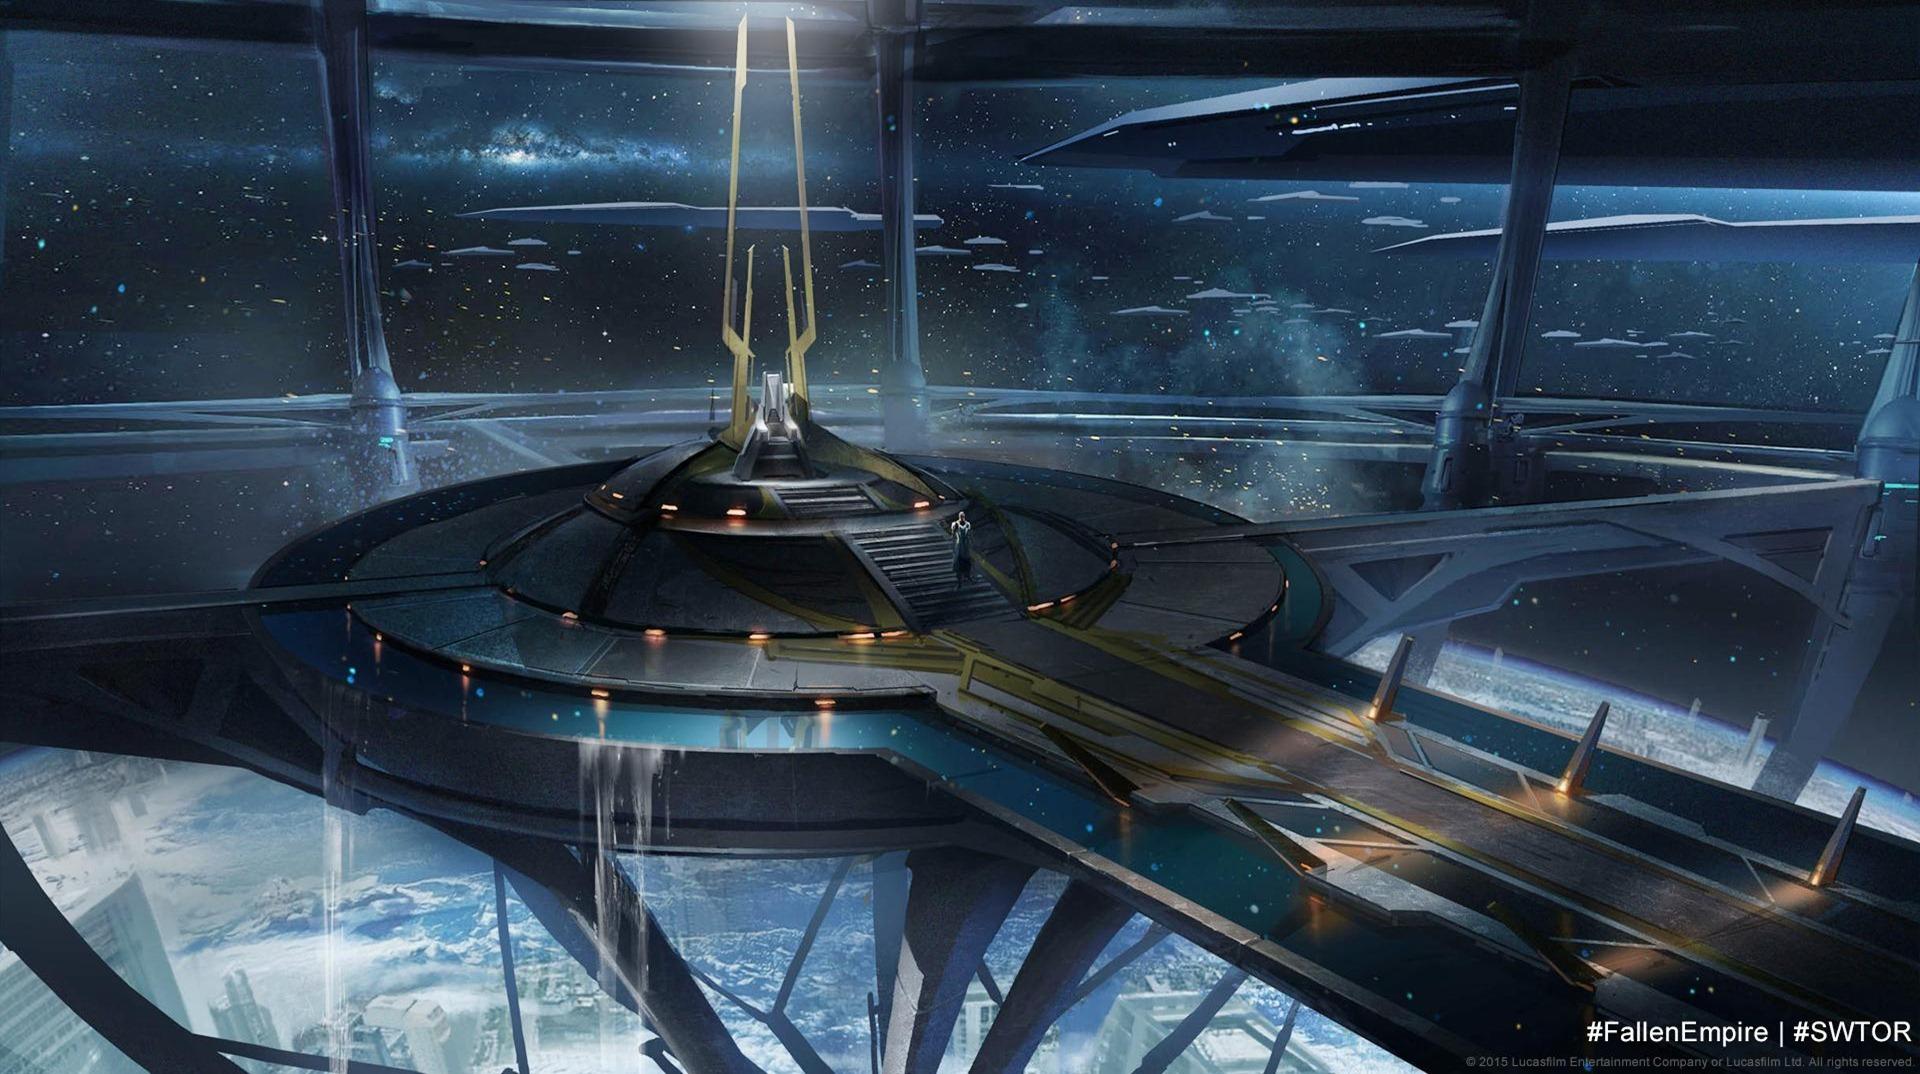 swtor-fallen-empire-teaser-image